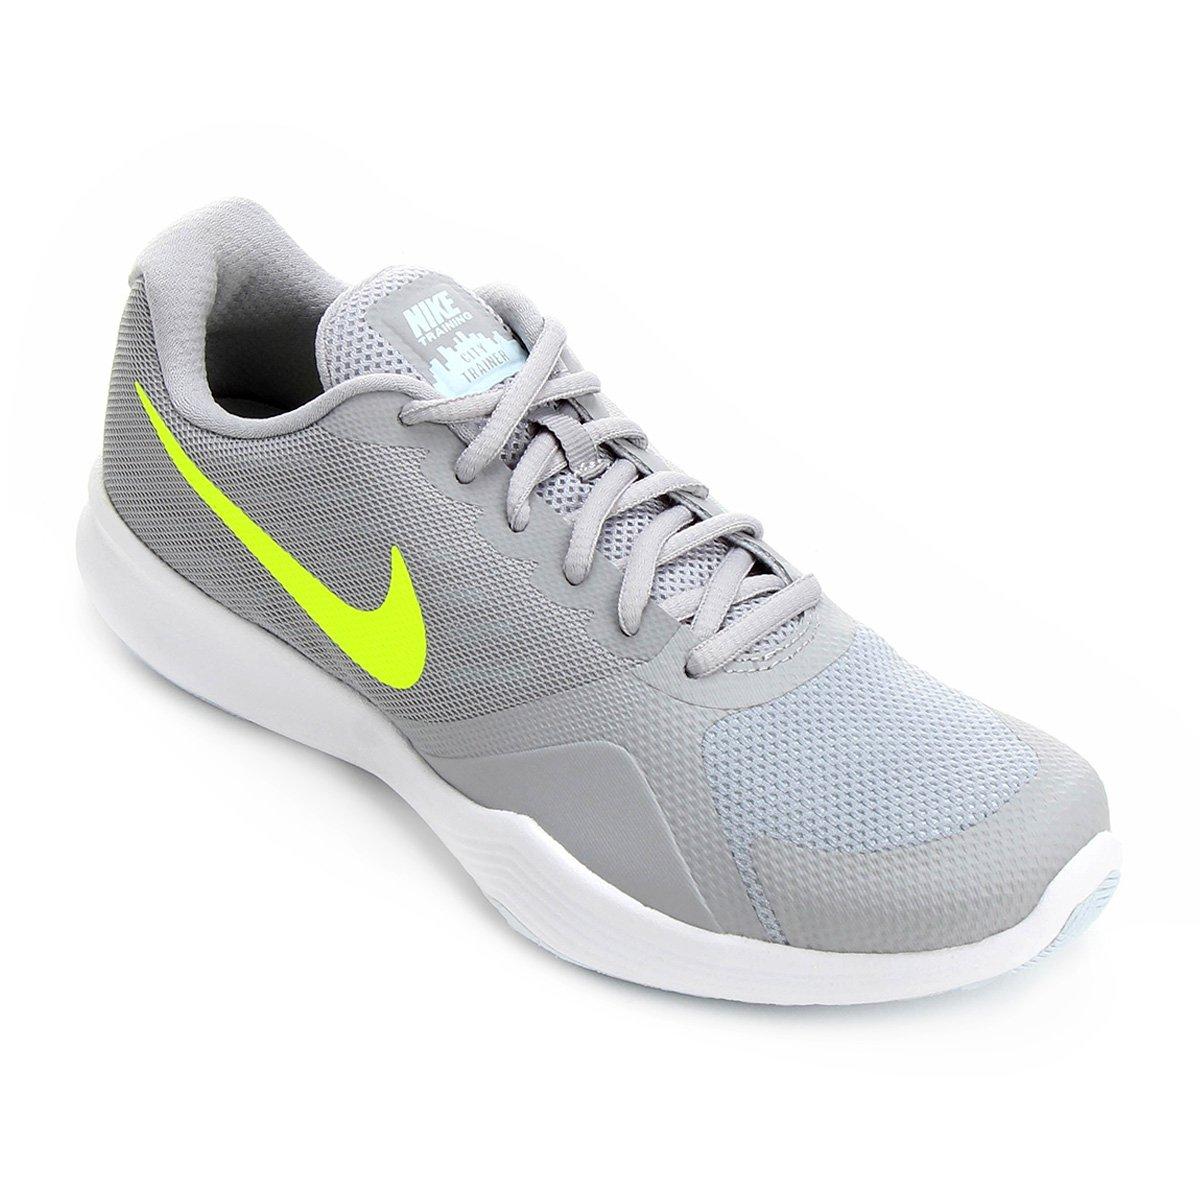 d33d495a26 Tênis Nike City Trainer Feminino - Cinza e Amarelo - Compre Agora ...